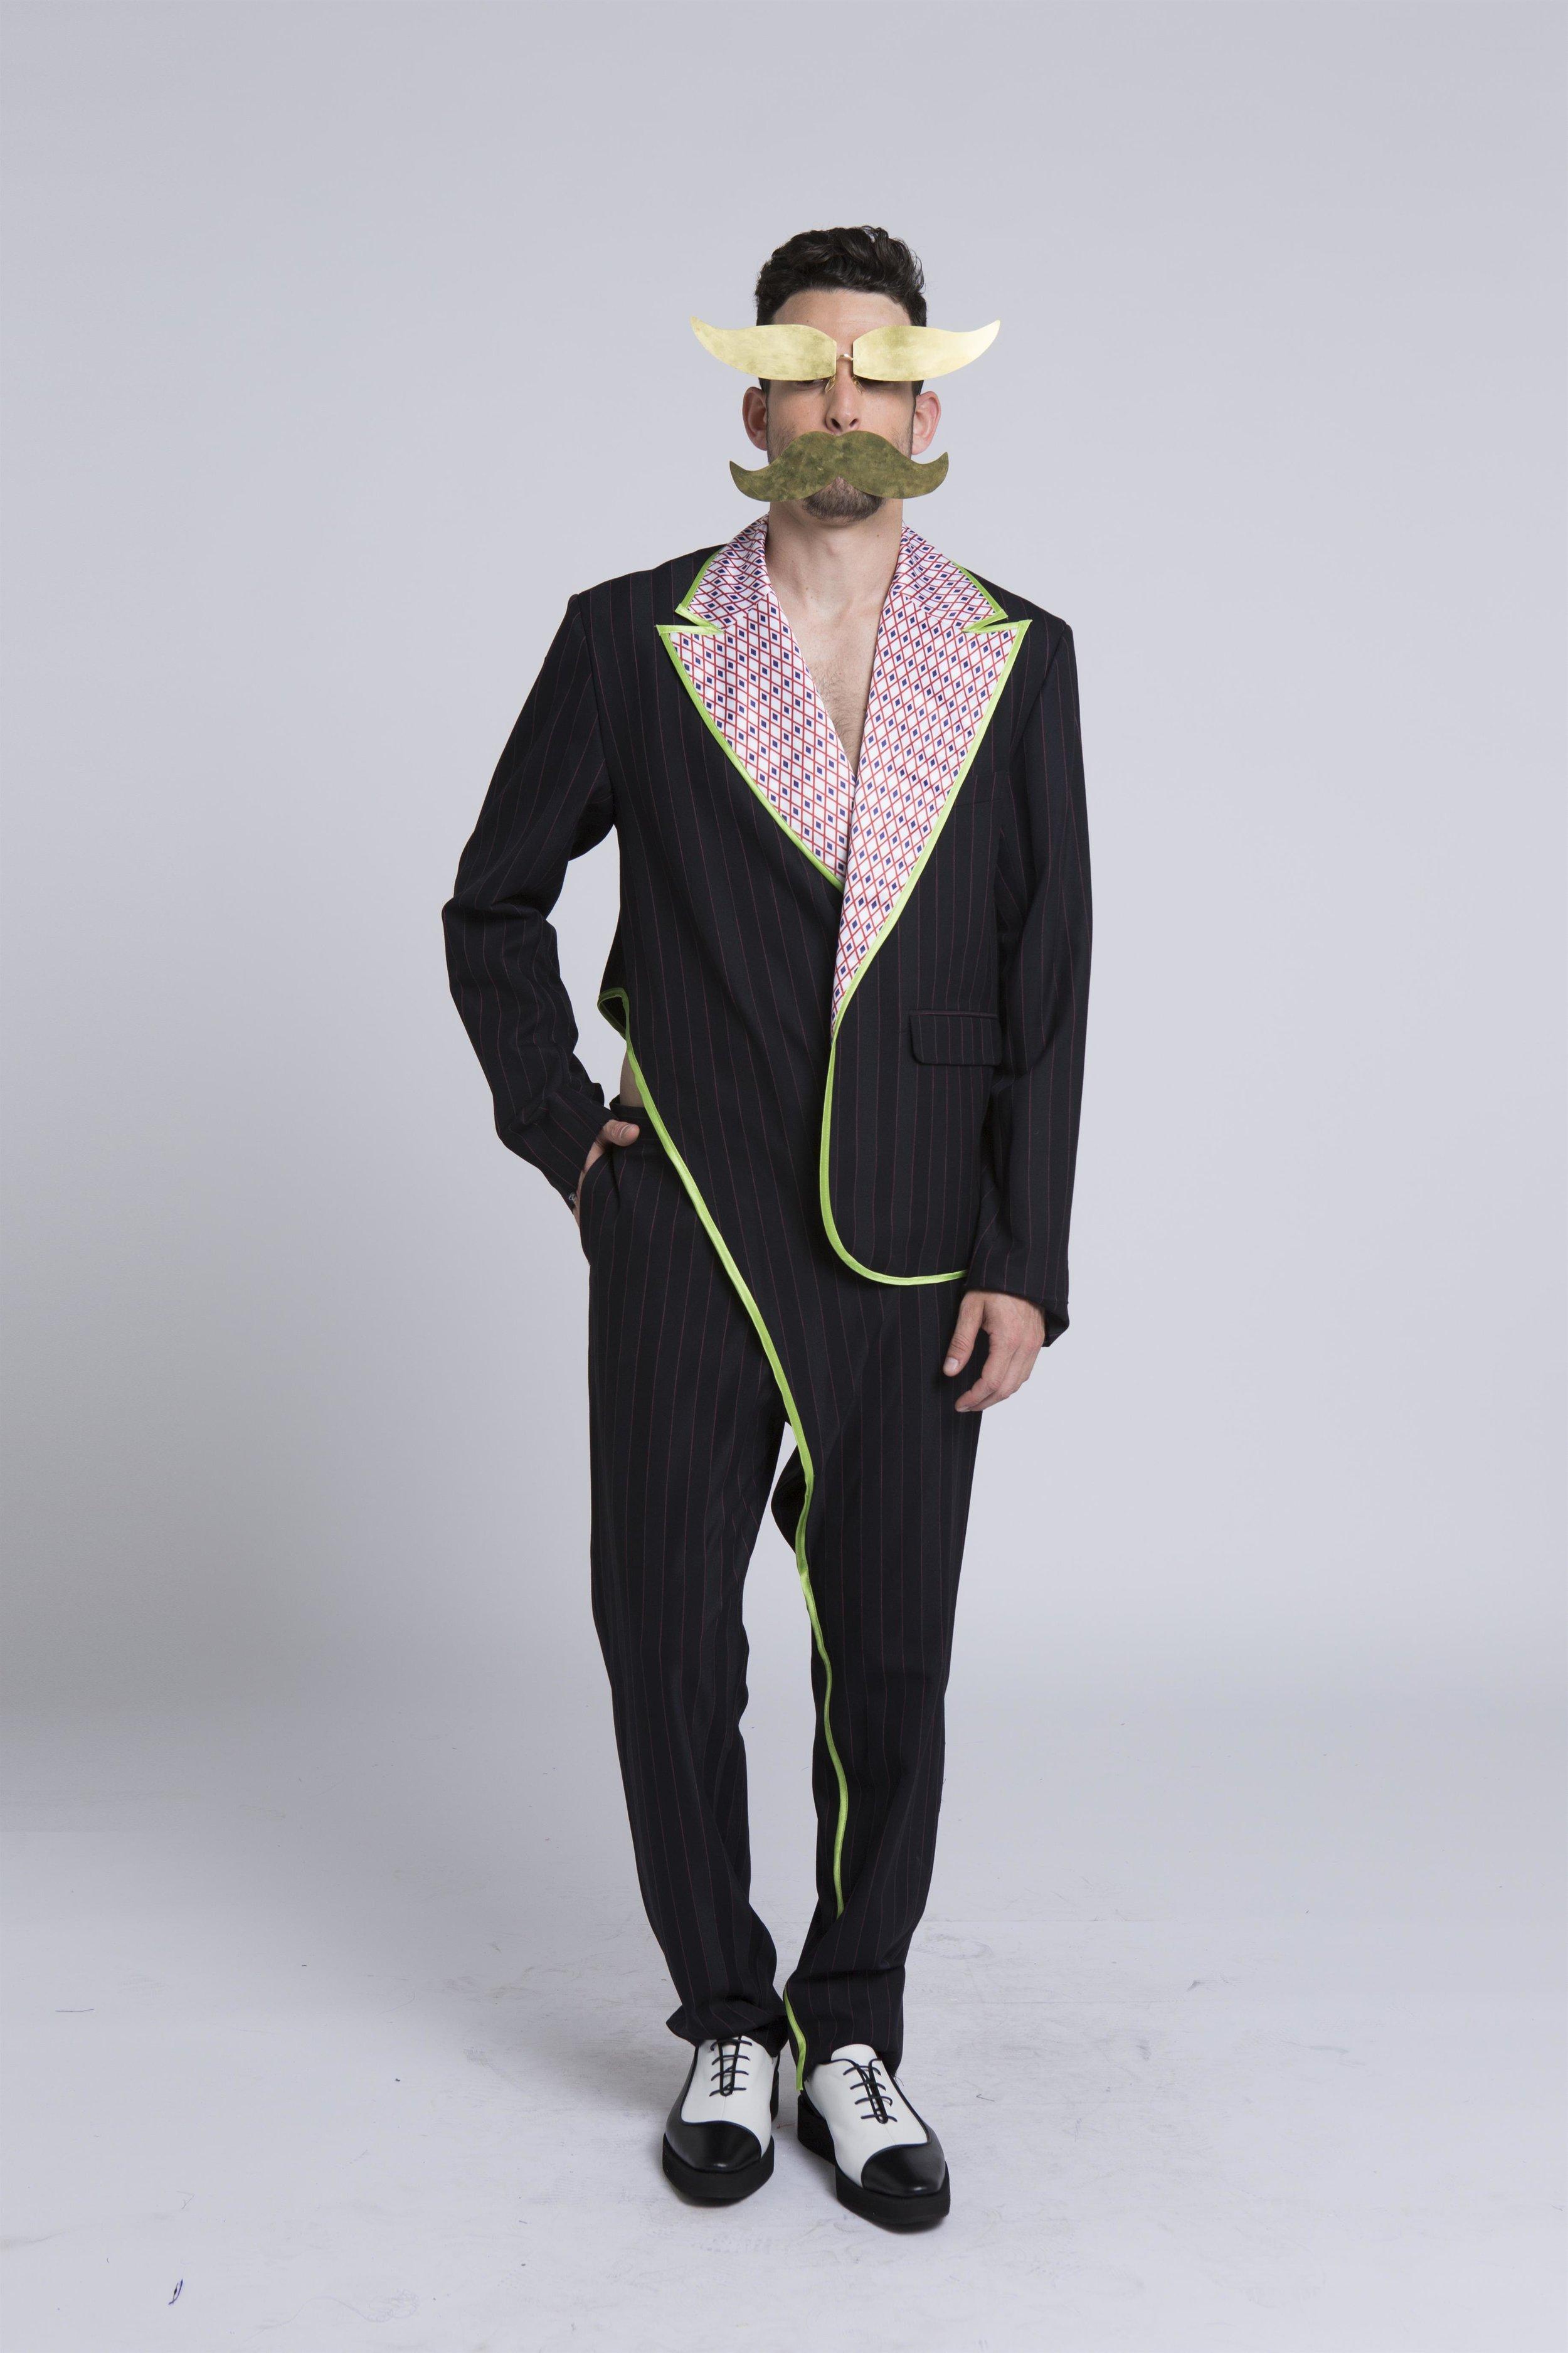 דור פיצ׳ון - מג'נוןקולקציה המציעה התבוננות שונה על העולם. כפרסי, טריפוליטאי, טורקי וגיי, החי ויוצר בתל אביב, הוא ערבב את עולמות התוכן האלה ויצר שפה חדשה לקולקציית בגדי גברים תוך שילוב שיטות מסורתיות של התעטפות בדים בלוב ובפרס, בשילוב ביגוד רחוב מתרבות הווגינג של שנות ה-90, והדפסים מקוריים בהשראת אומנות פרסית